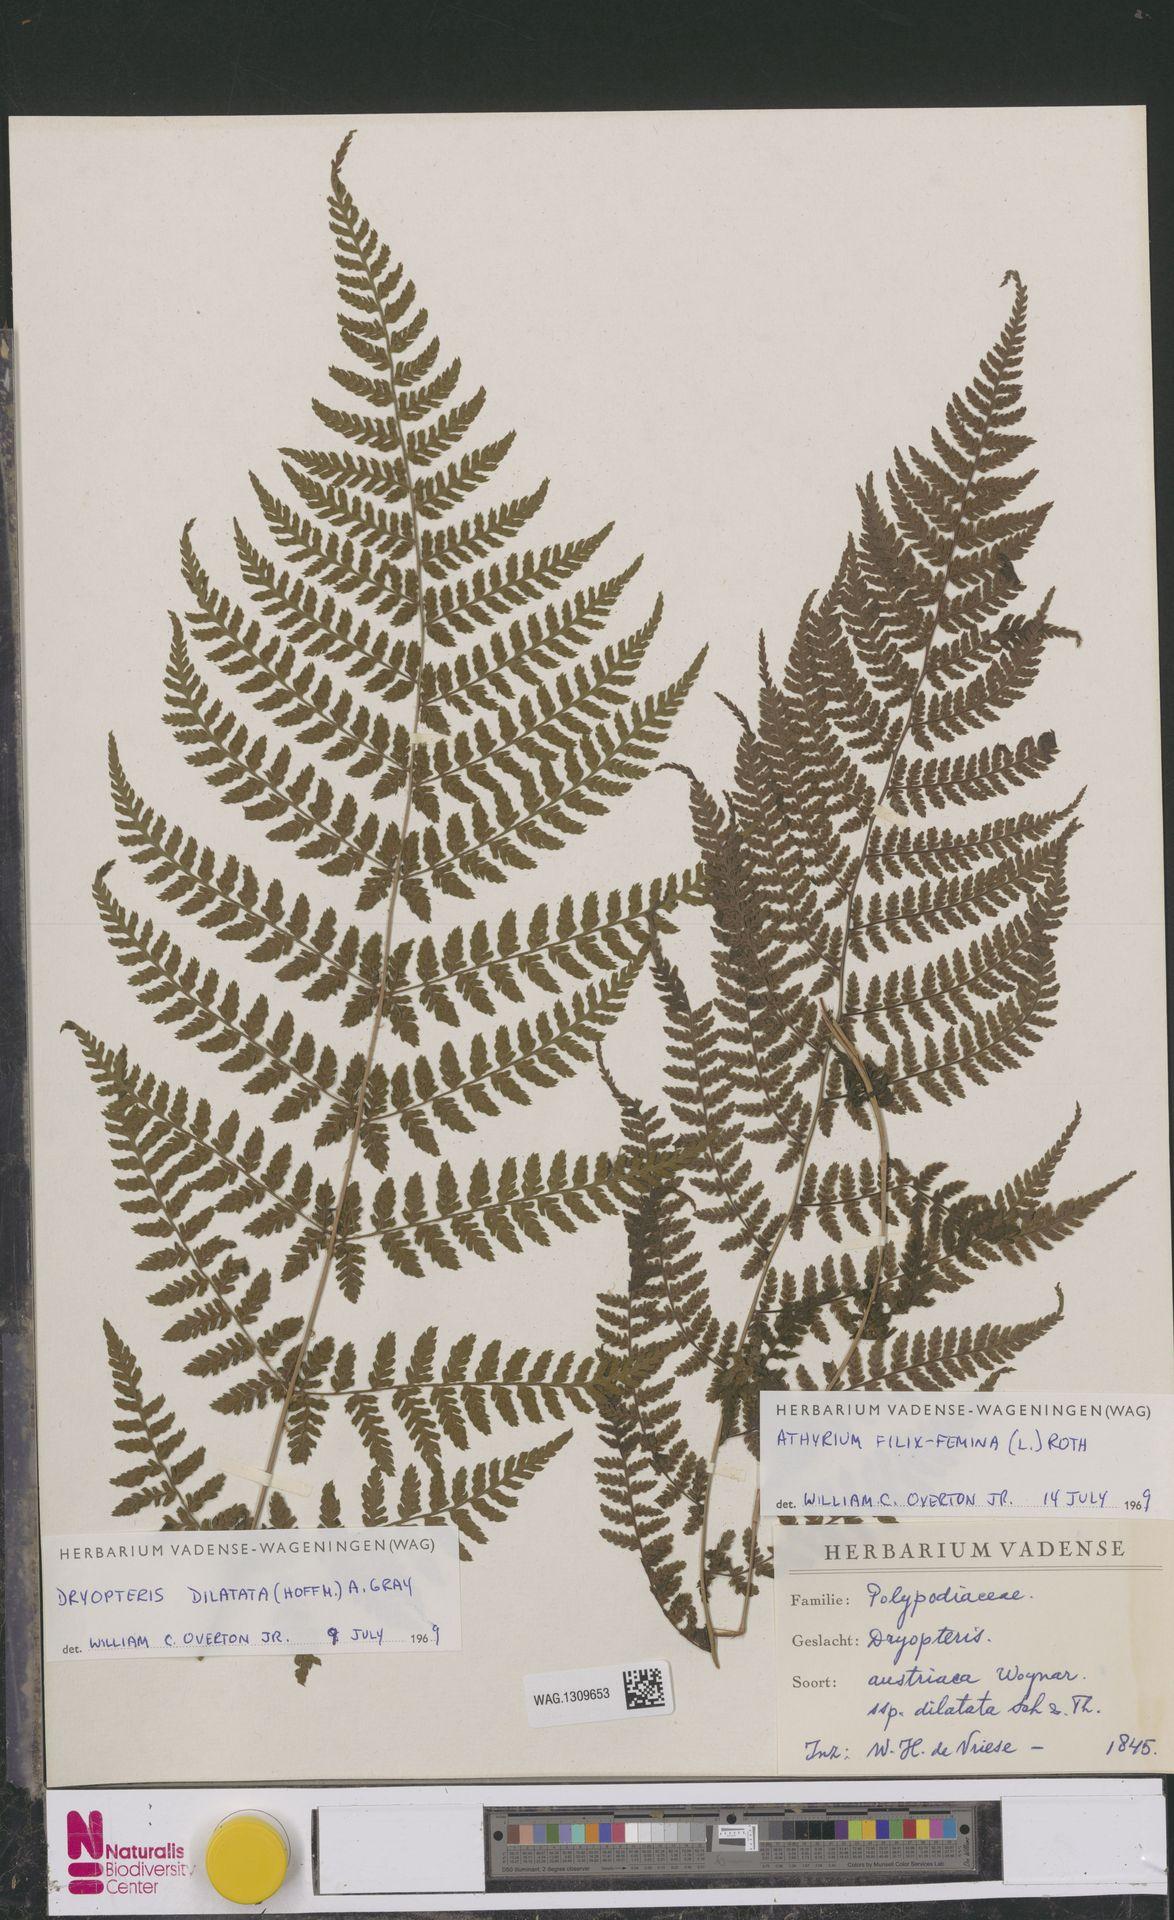 WAG.1309653   Dryopteris dilatata (Hoffm.) A.Gray